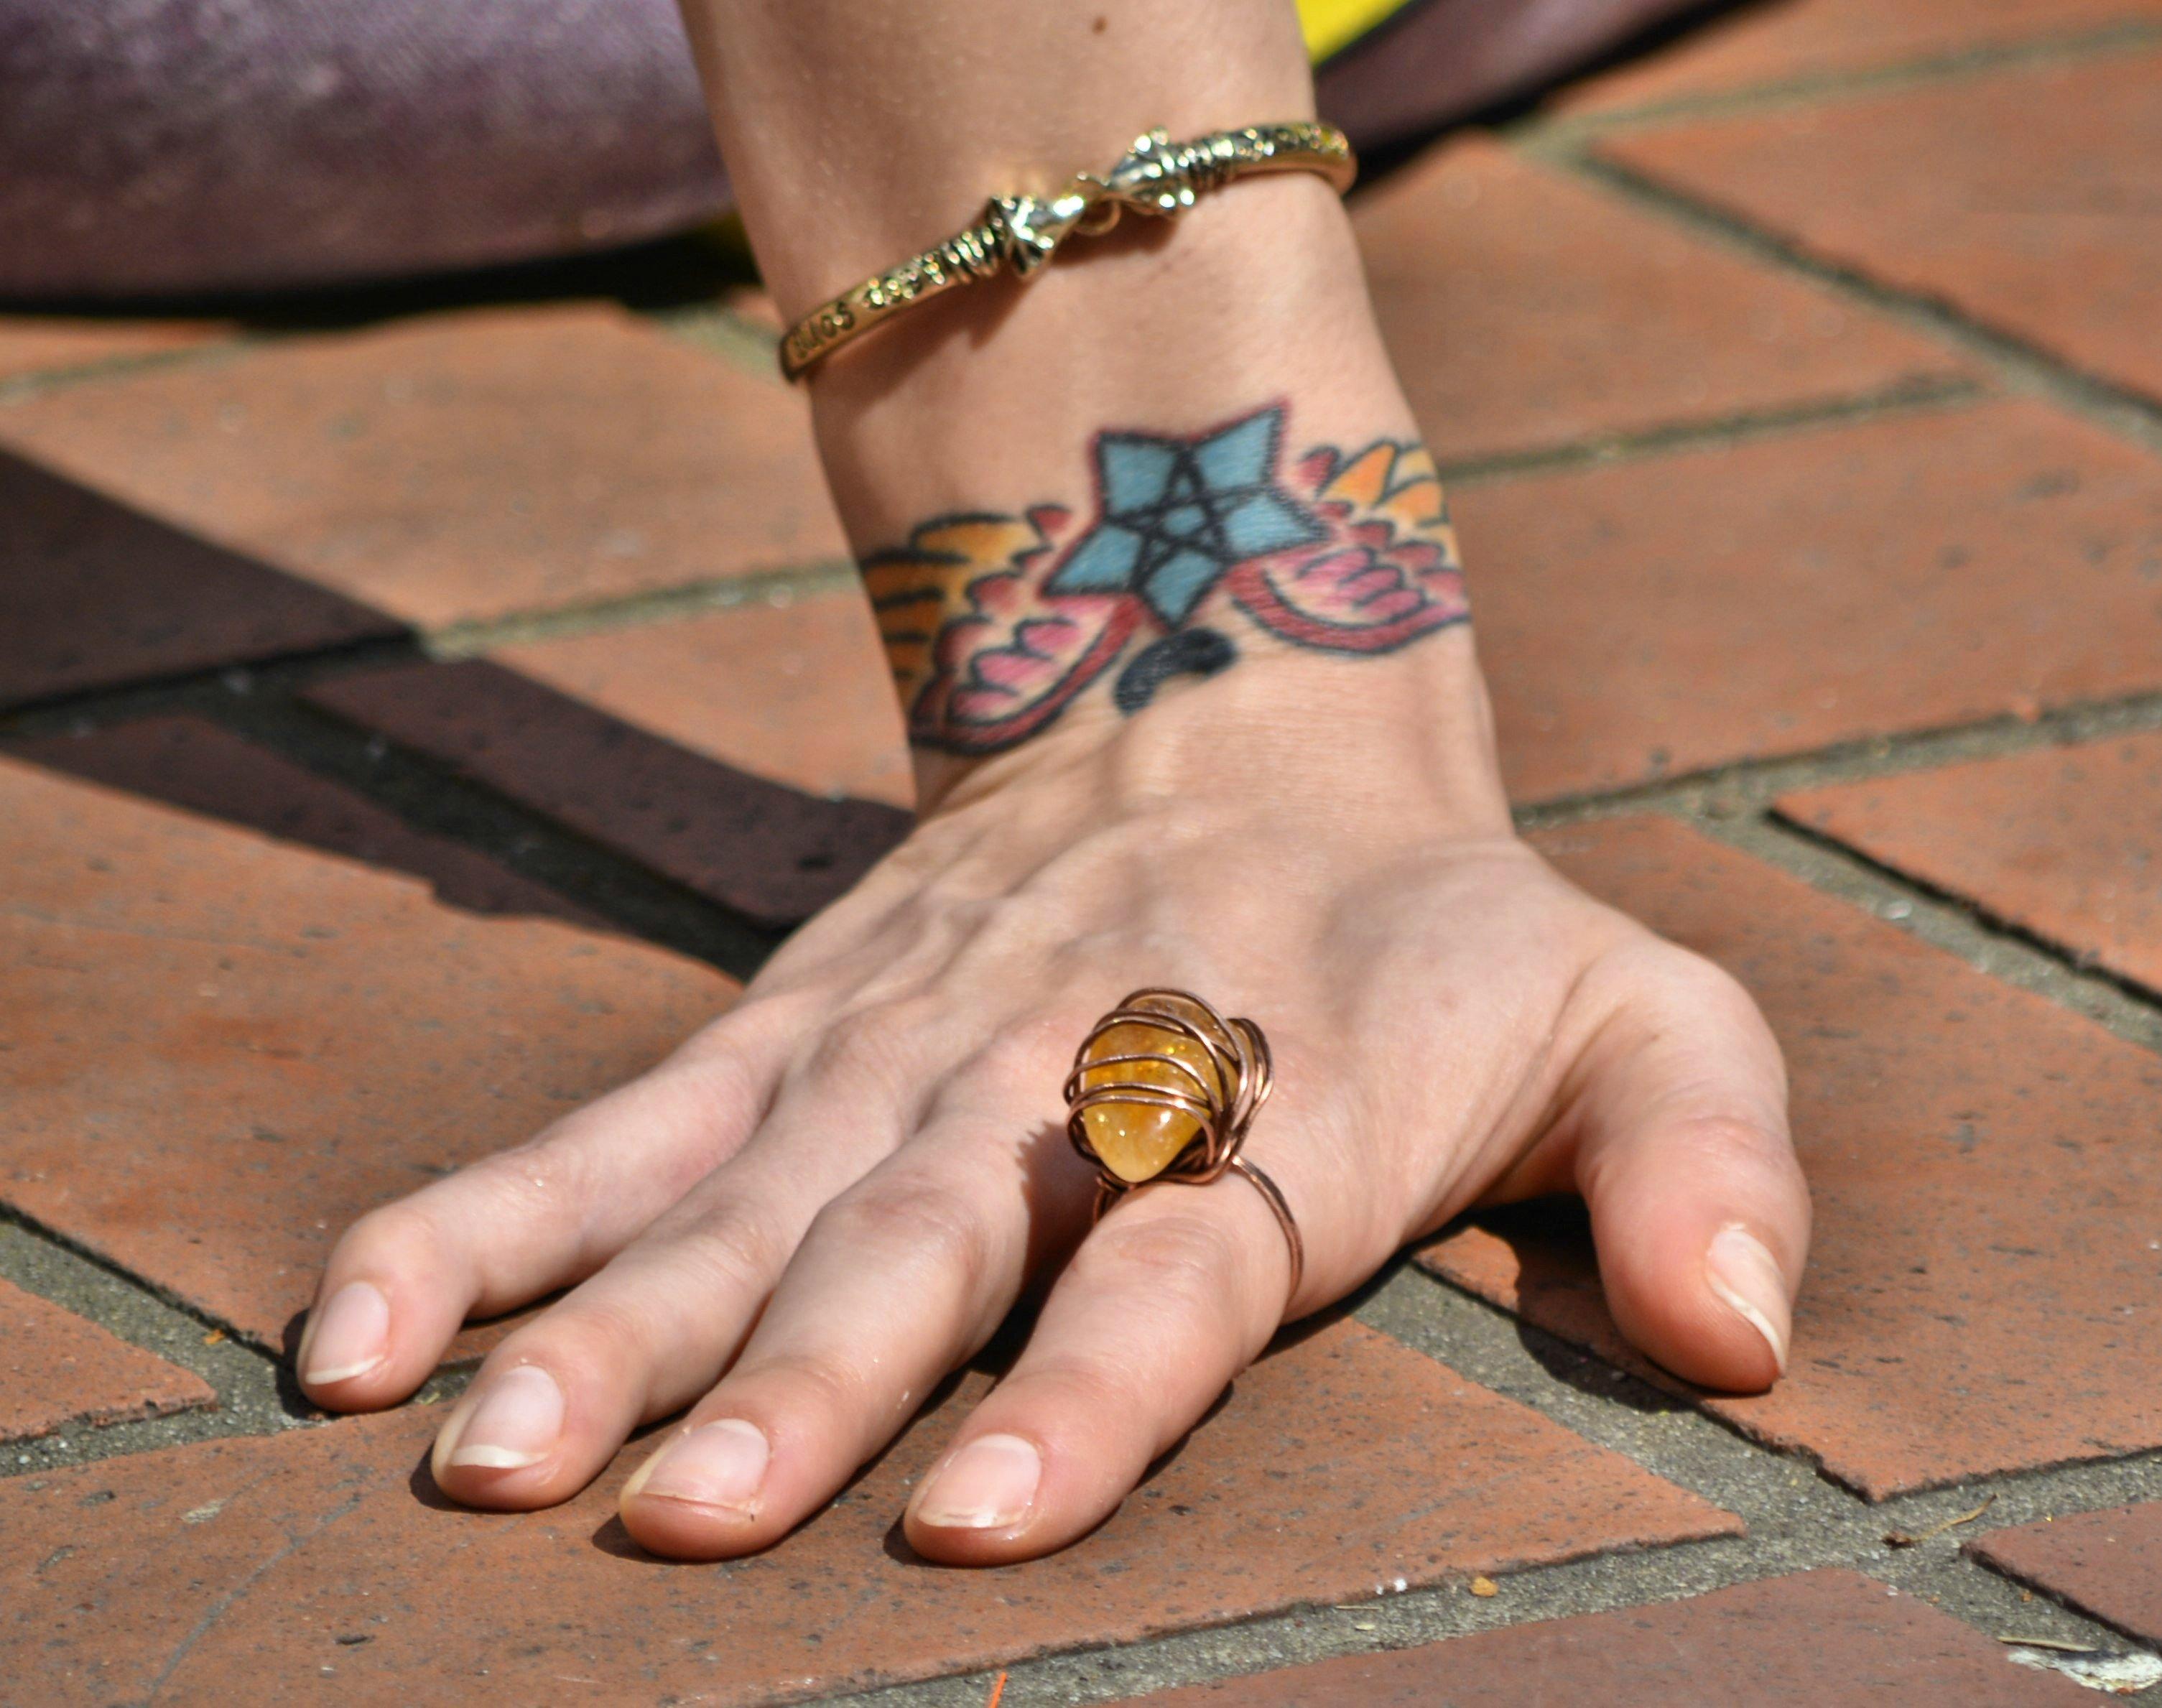 Fondos De Pantalla Descalzo Ladrillos Tatuaje Patrón Primavera